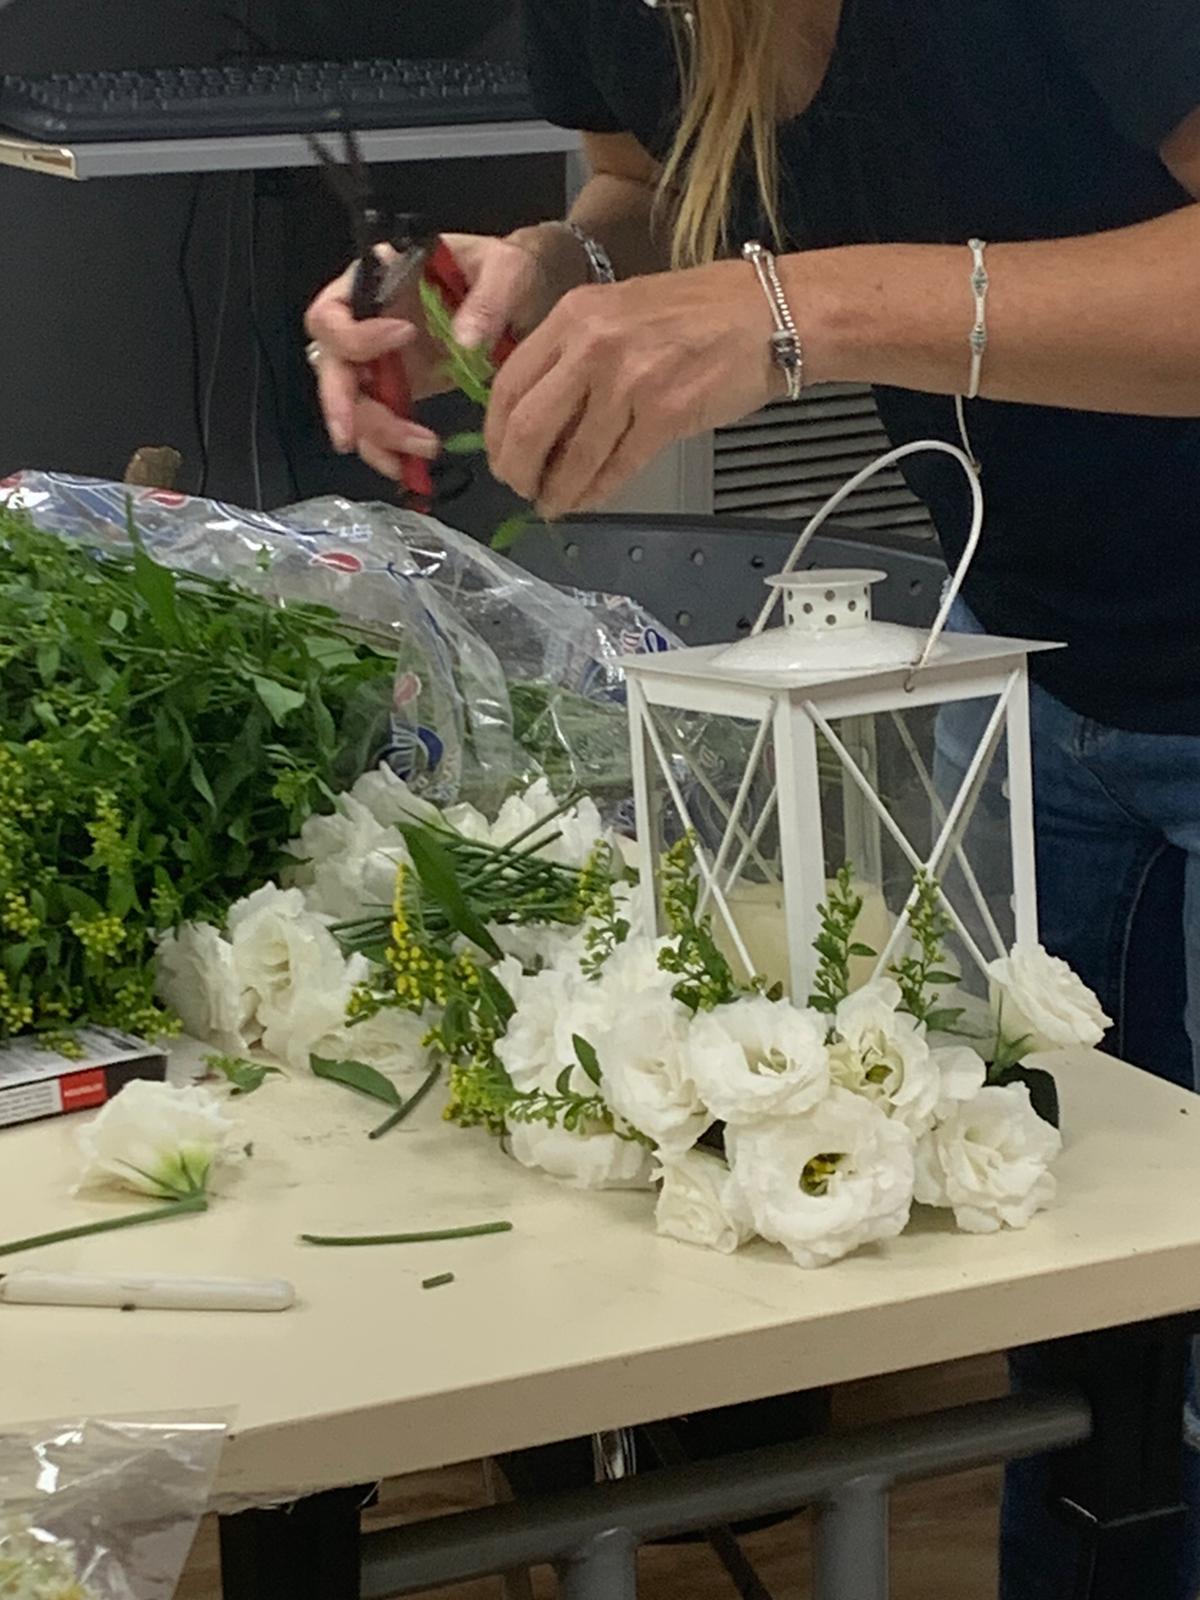 גלרייה - שיעור שזירת פרחים - קורס הפקת אירועים מחזור 24, 18 מתוך 35